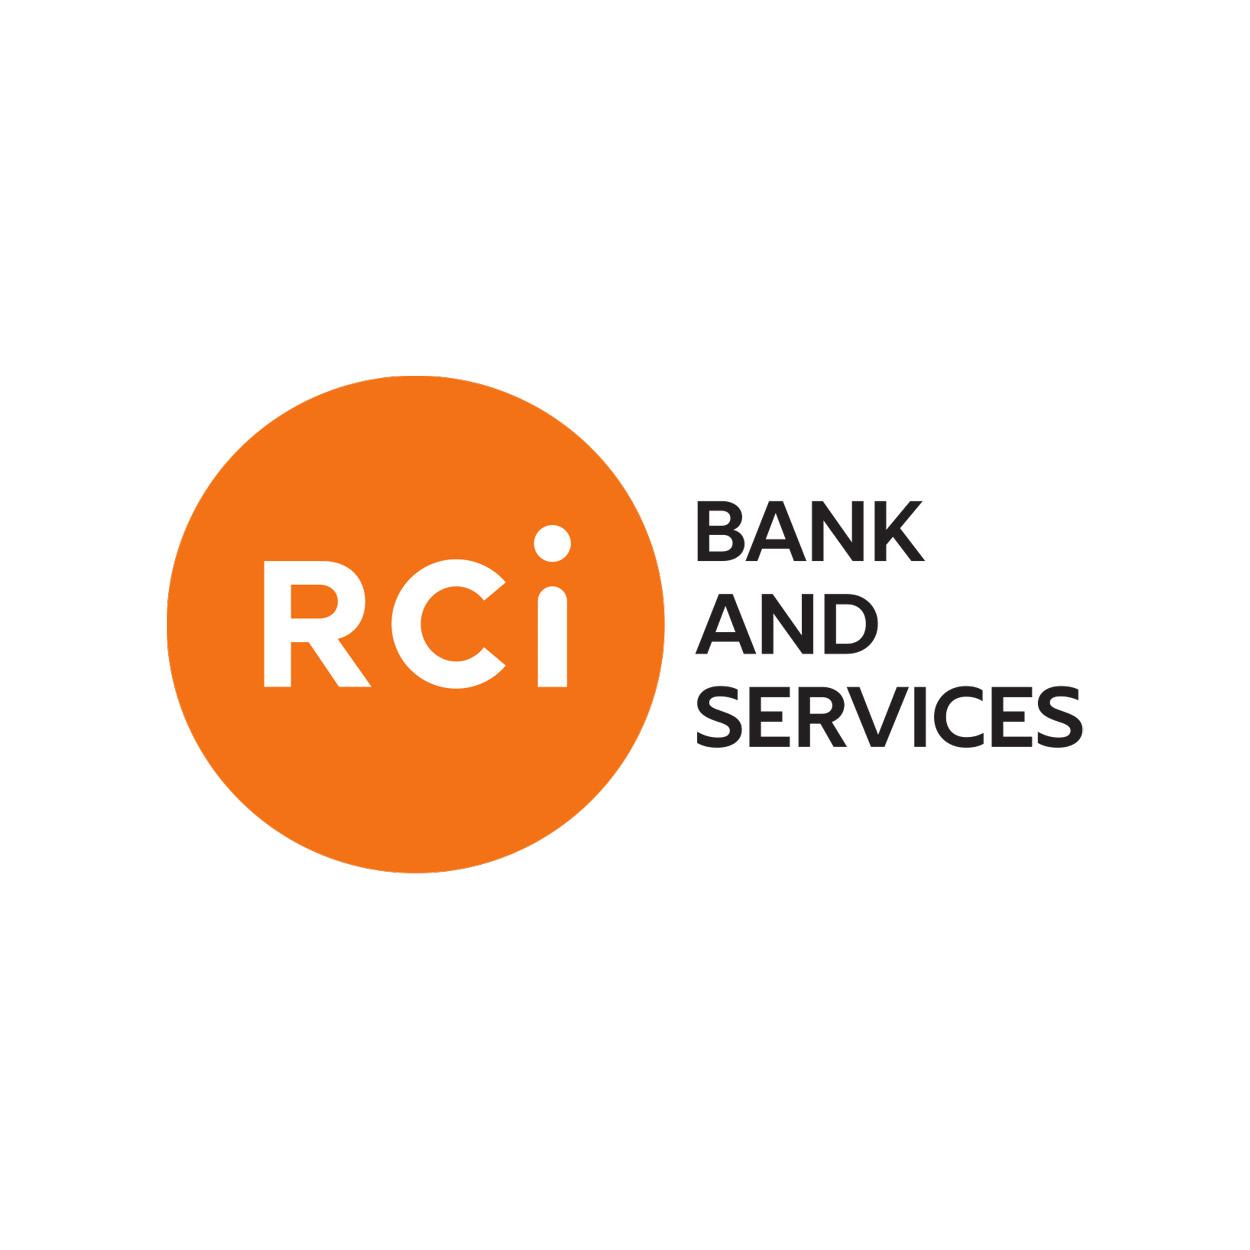 logo-rci-bank